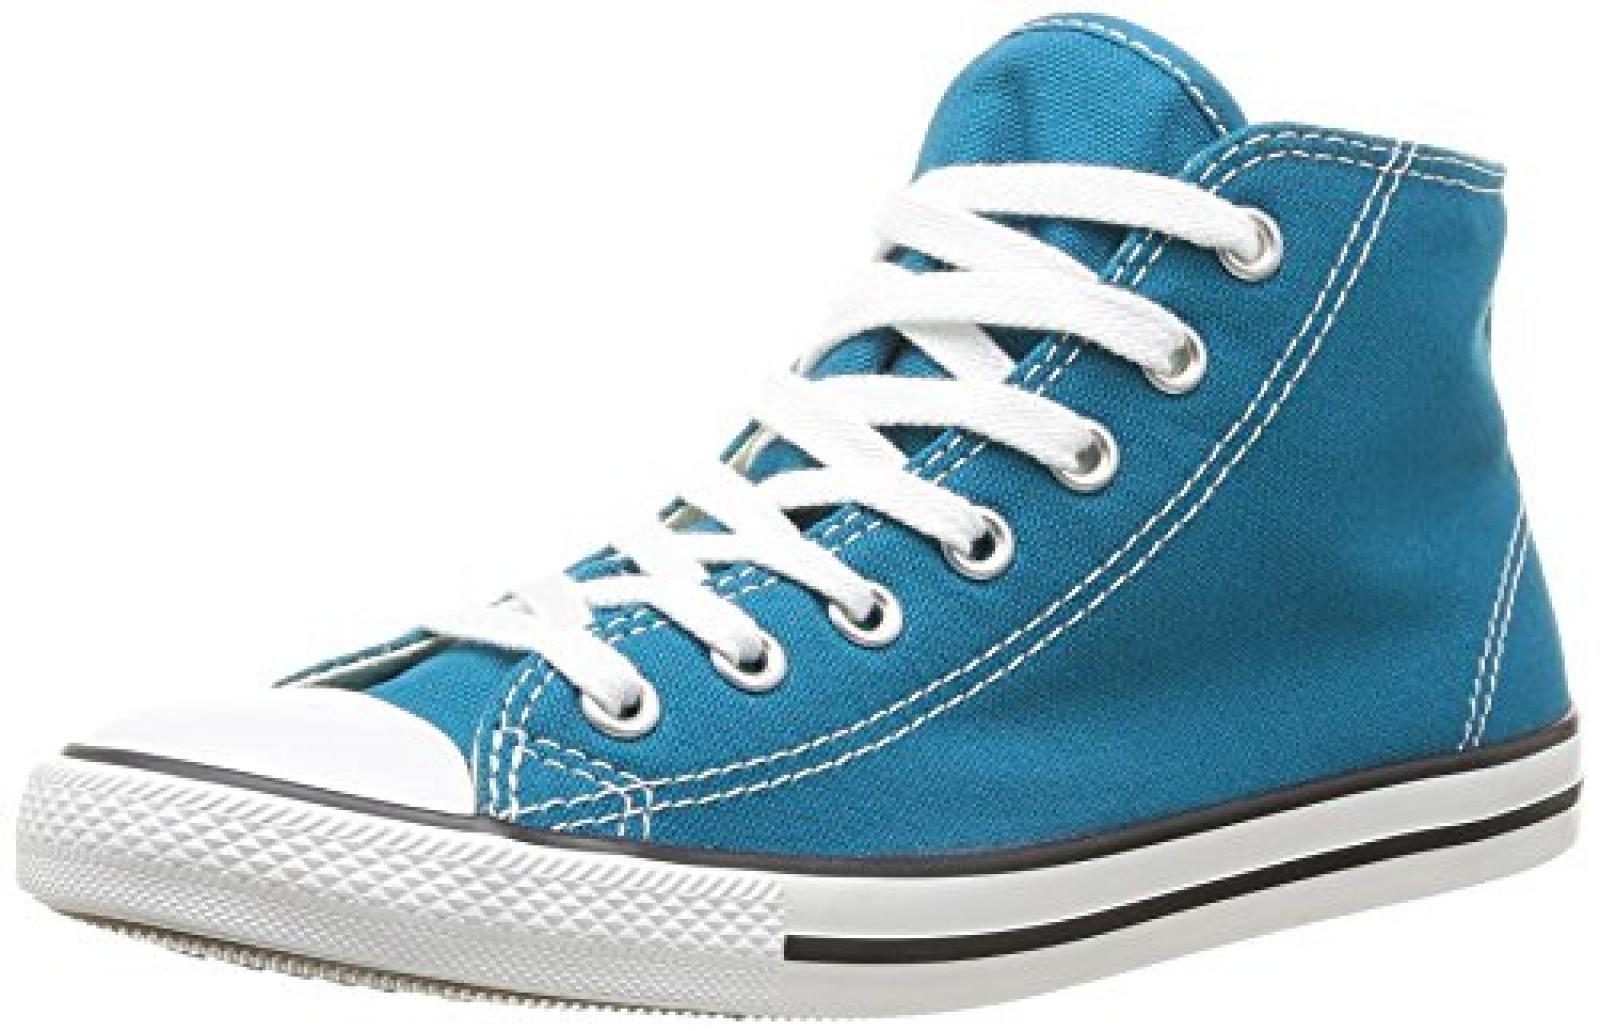 Converse As Dainty Femme Seasonal Cvs Mid 382250 Damen Sneaker